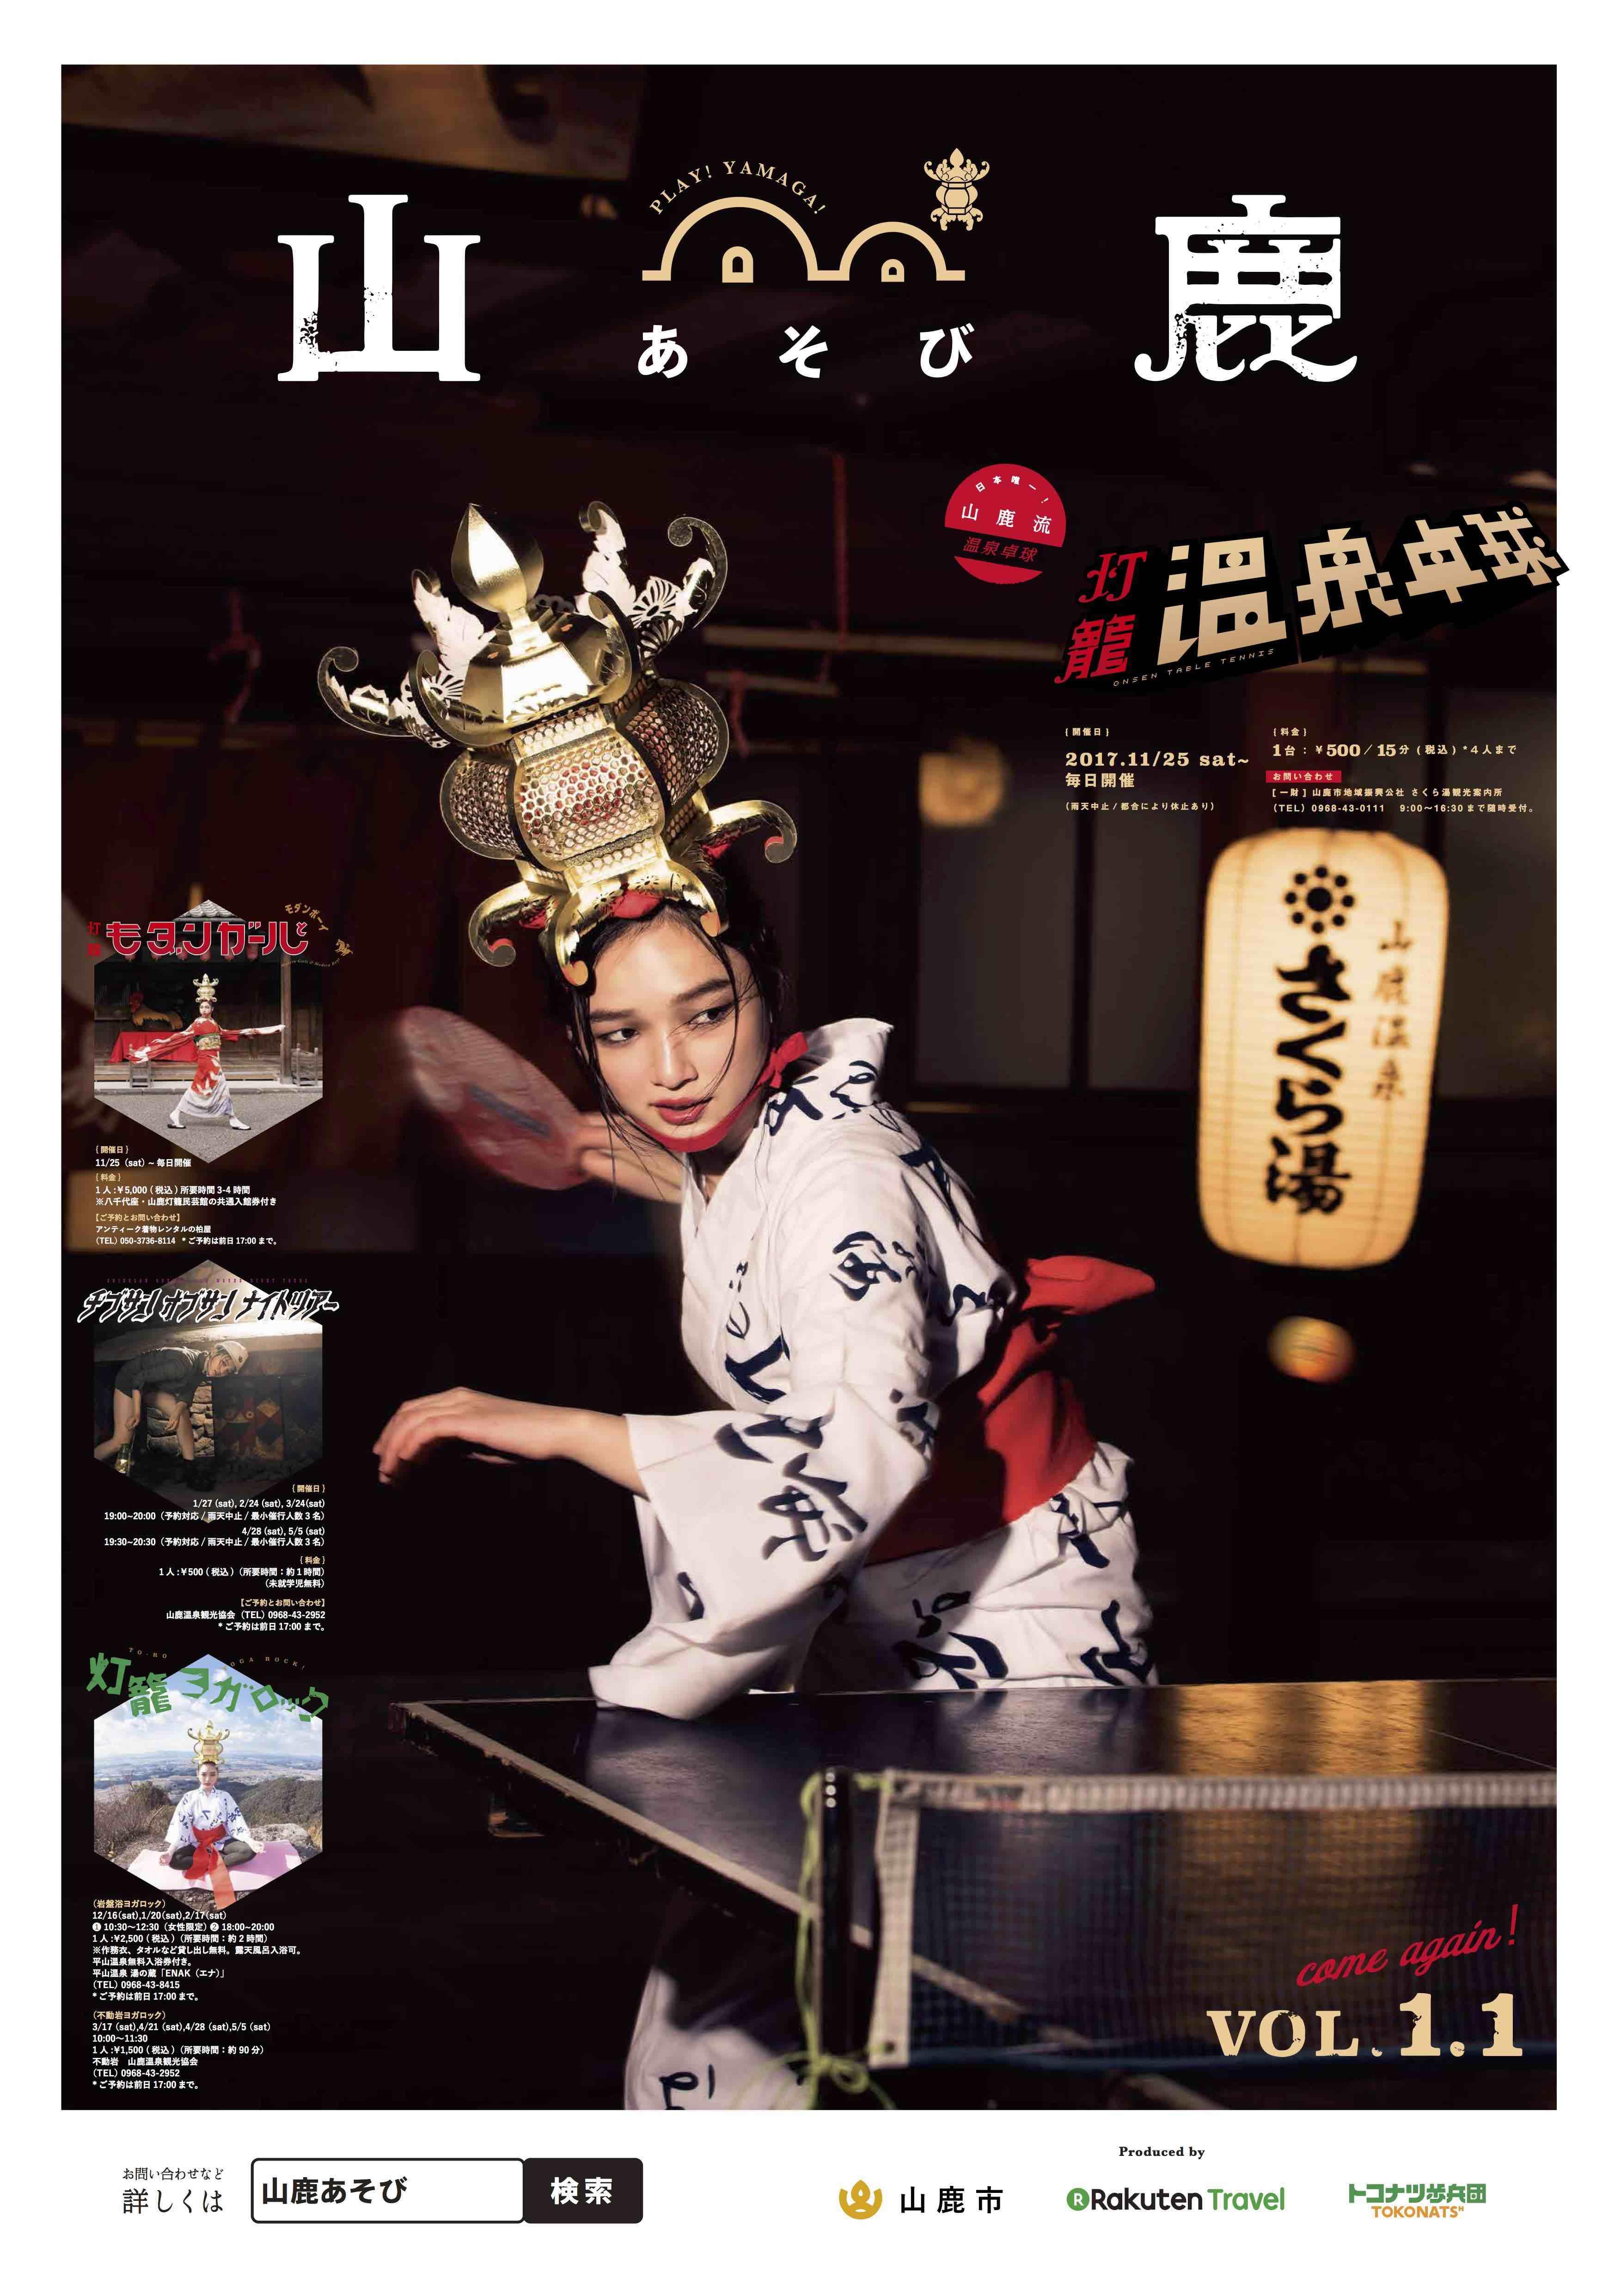 熊本県山鹿市の着地型商品をグレードアップ再販、温泉卓球や古墳探検も、町おこし集団「トコナツ歩兵団」がプロデュース